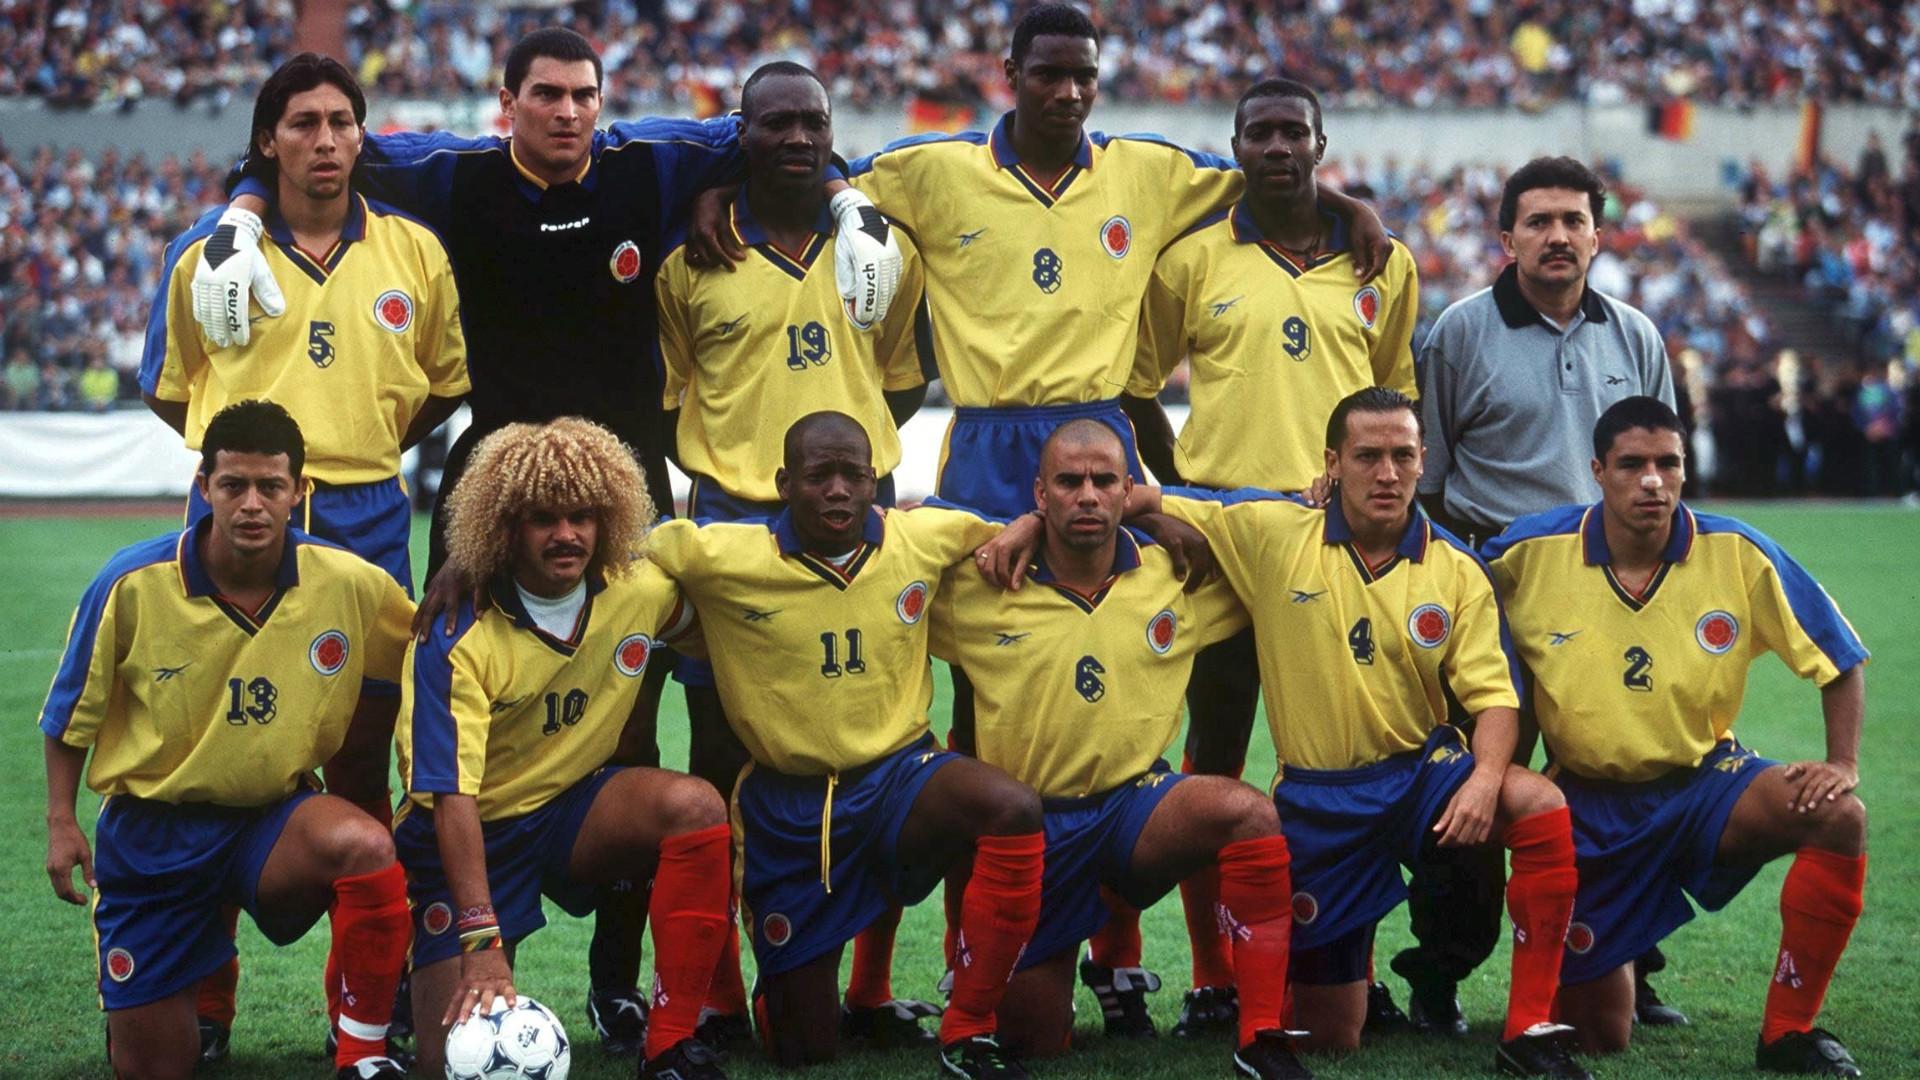 Asprilla Colombia